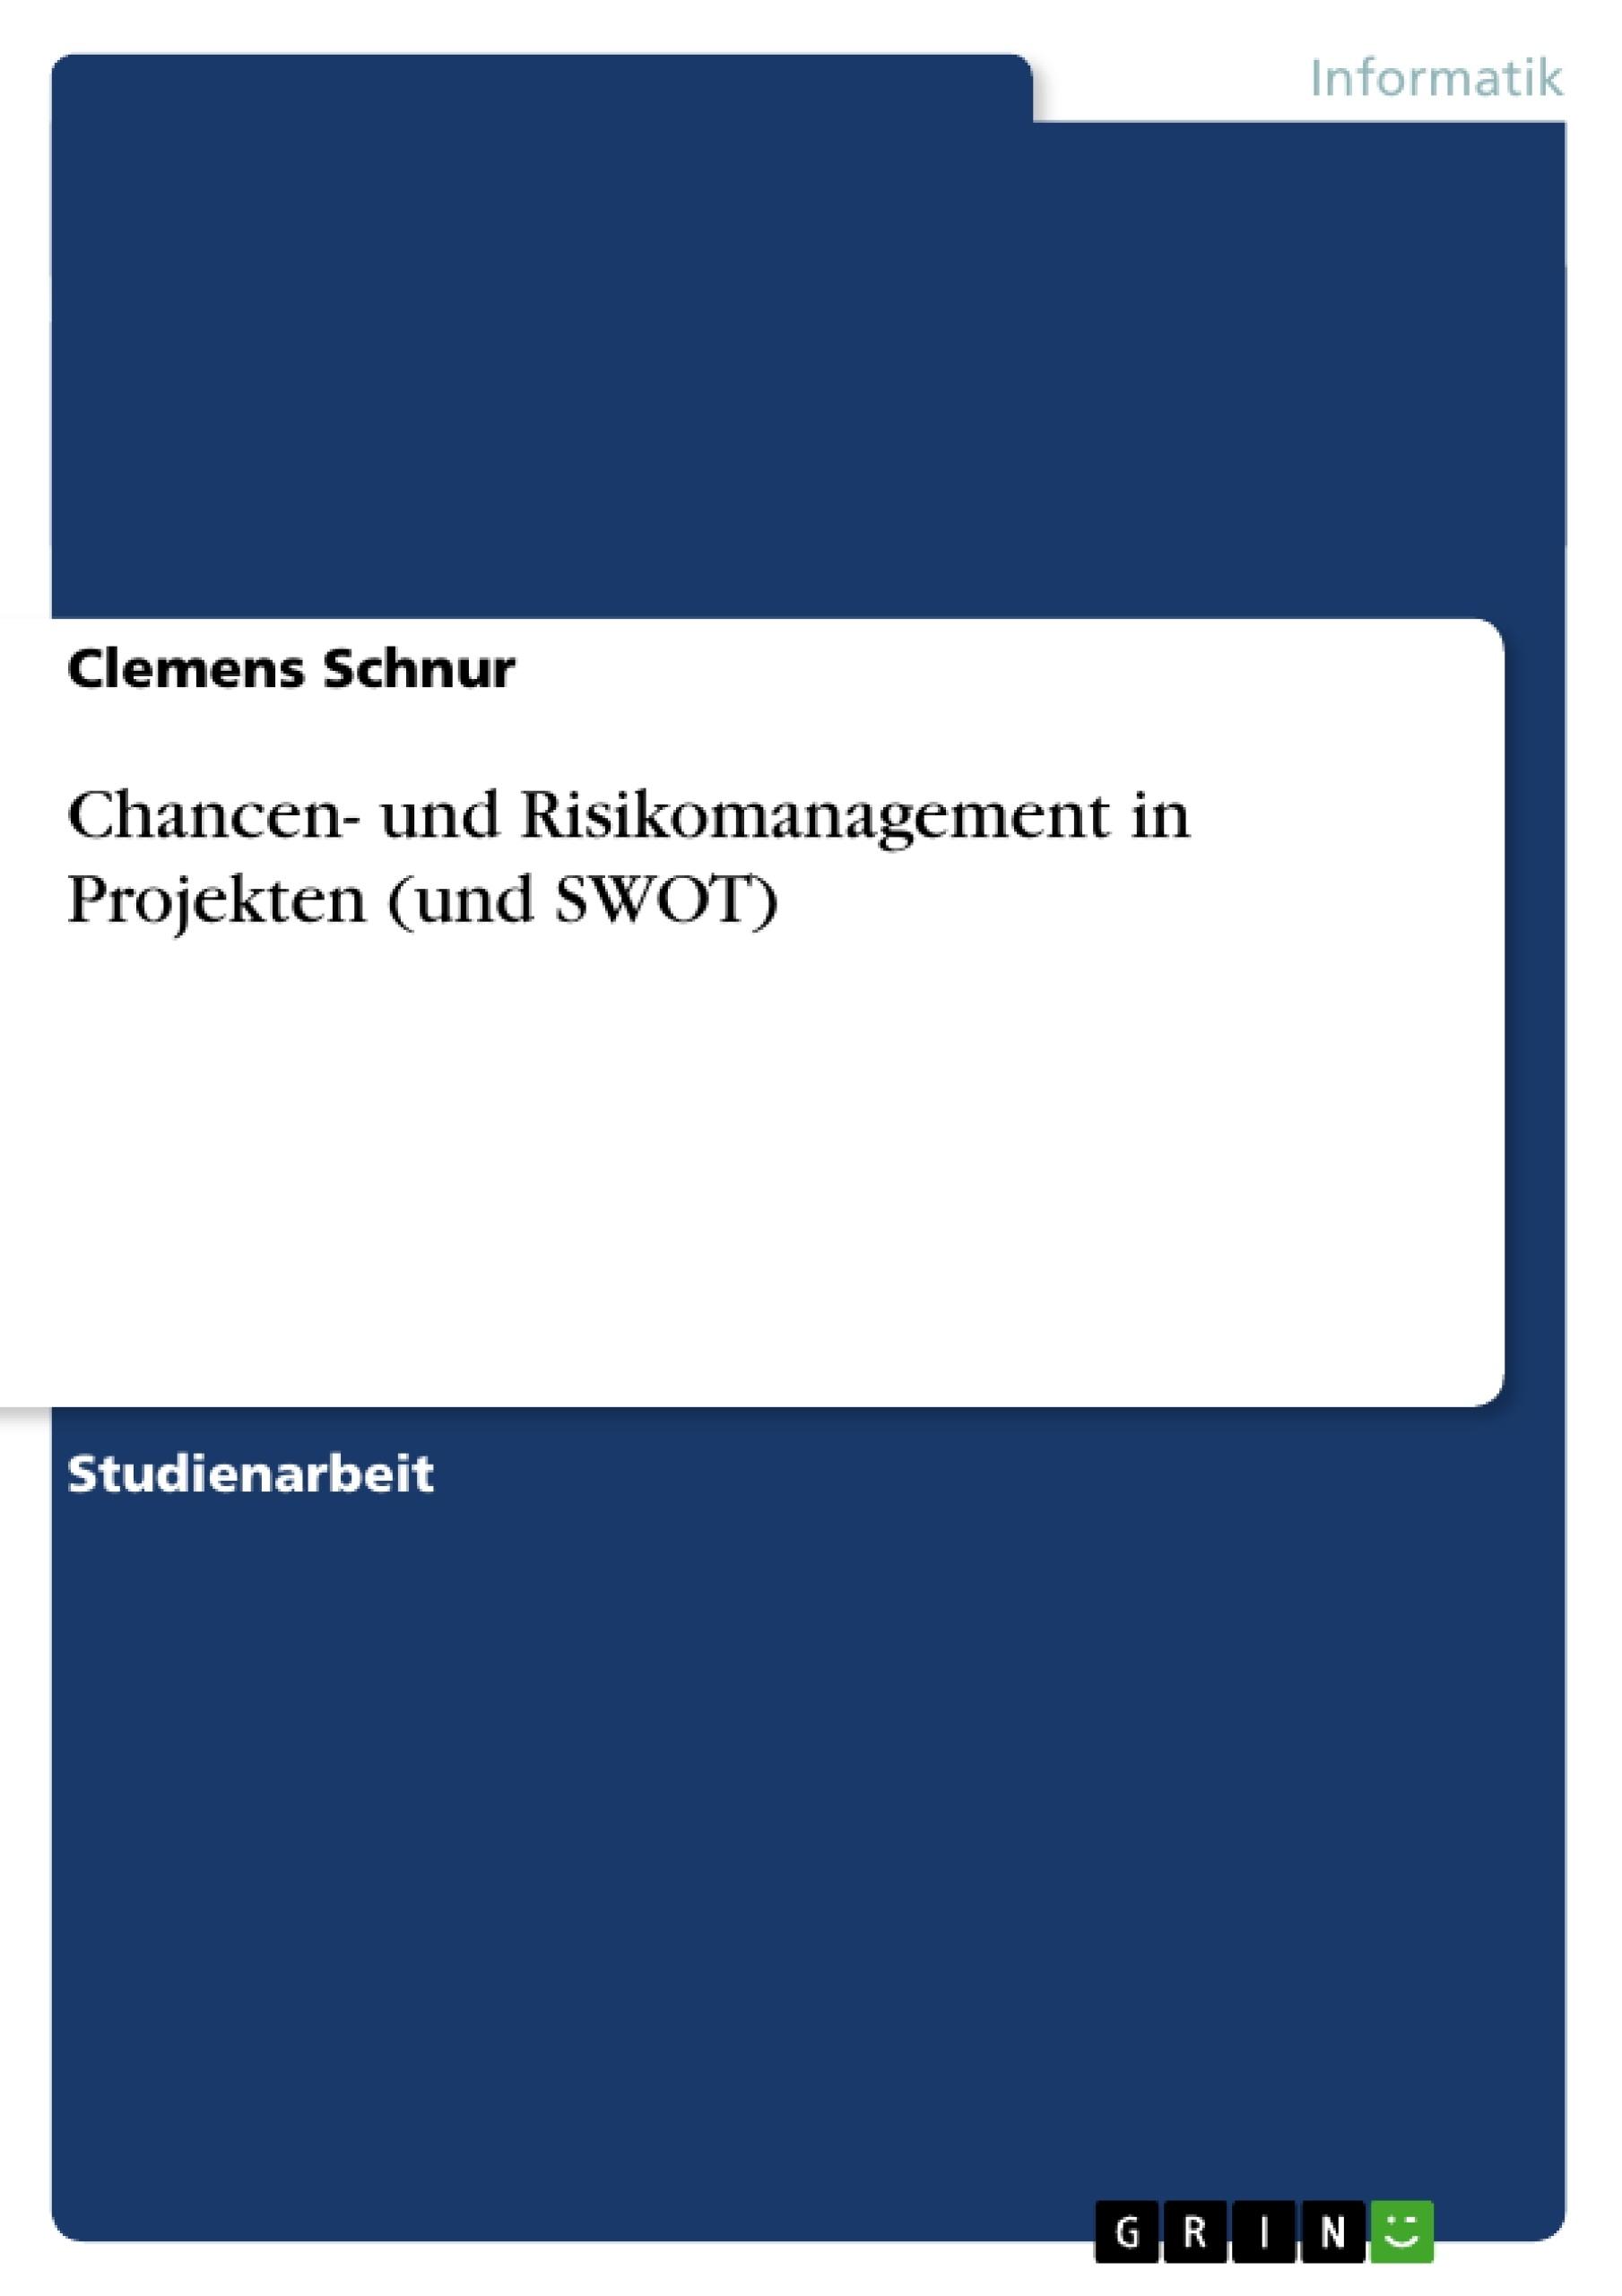 Titel: Chancen- und Risikomanagement in Projekten (und SWOT)